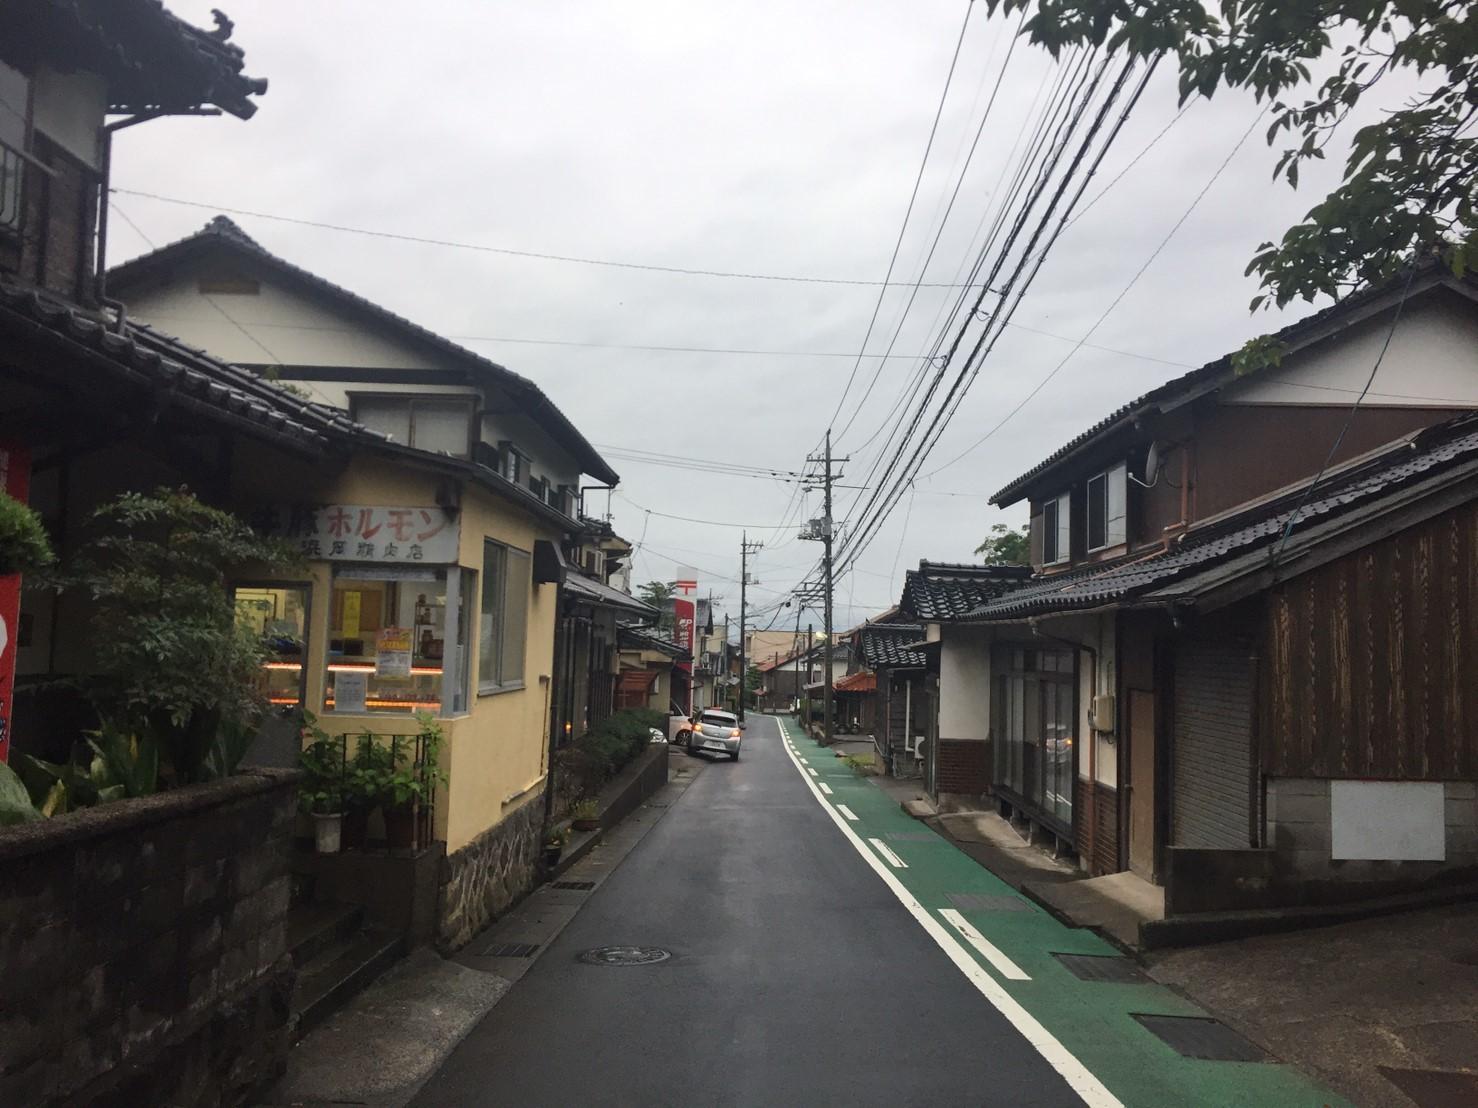 浜岡精肉店 泊の牛豚ホルモン_e0115904_01204541.jpg